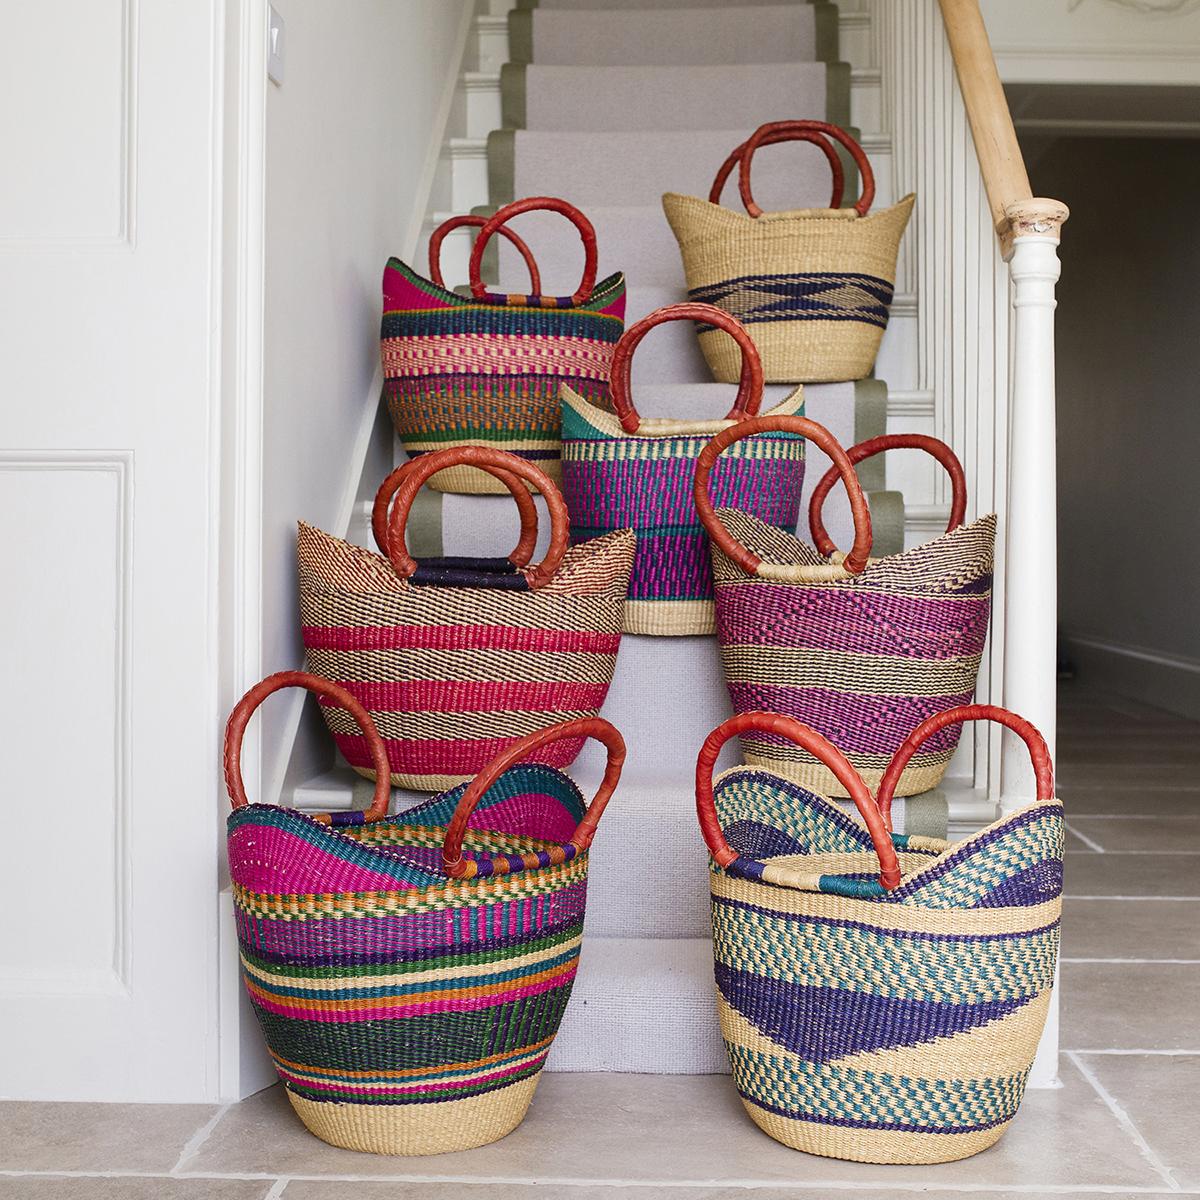 Shopper Baskets